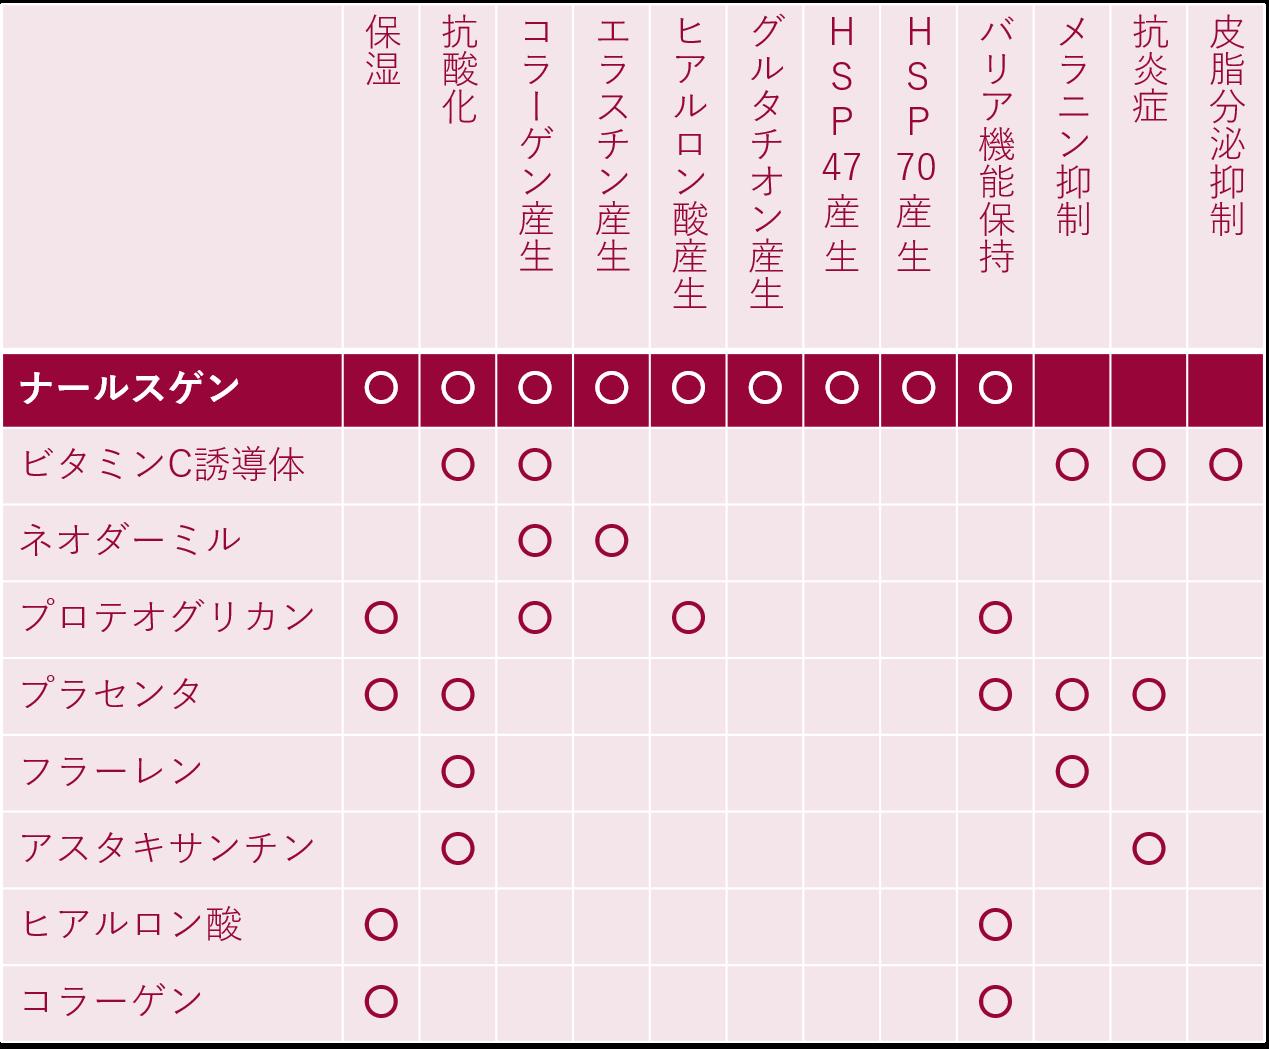 水溶性エイジングケア化粧品成分表